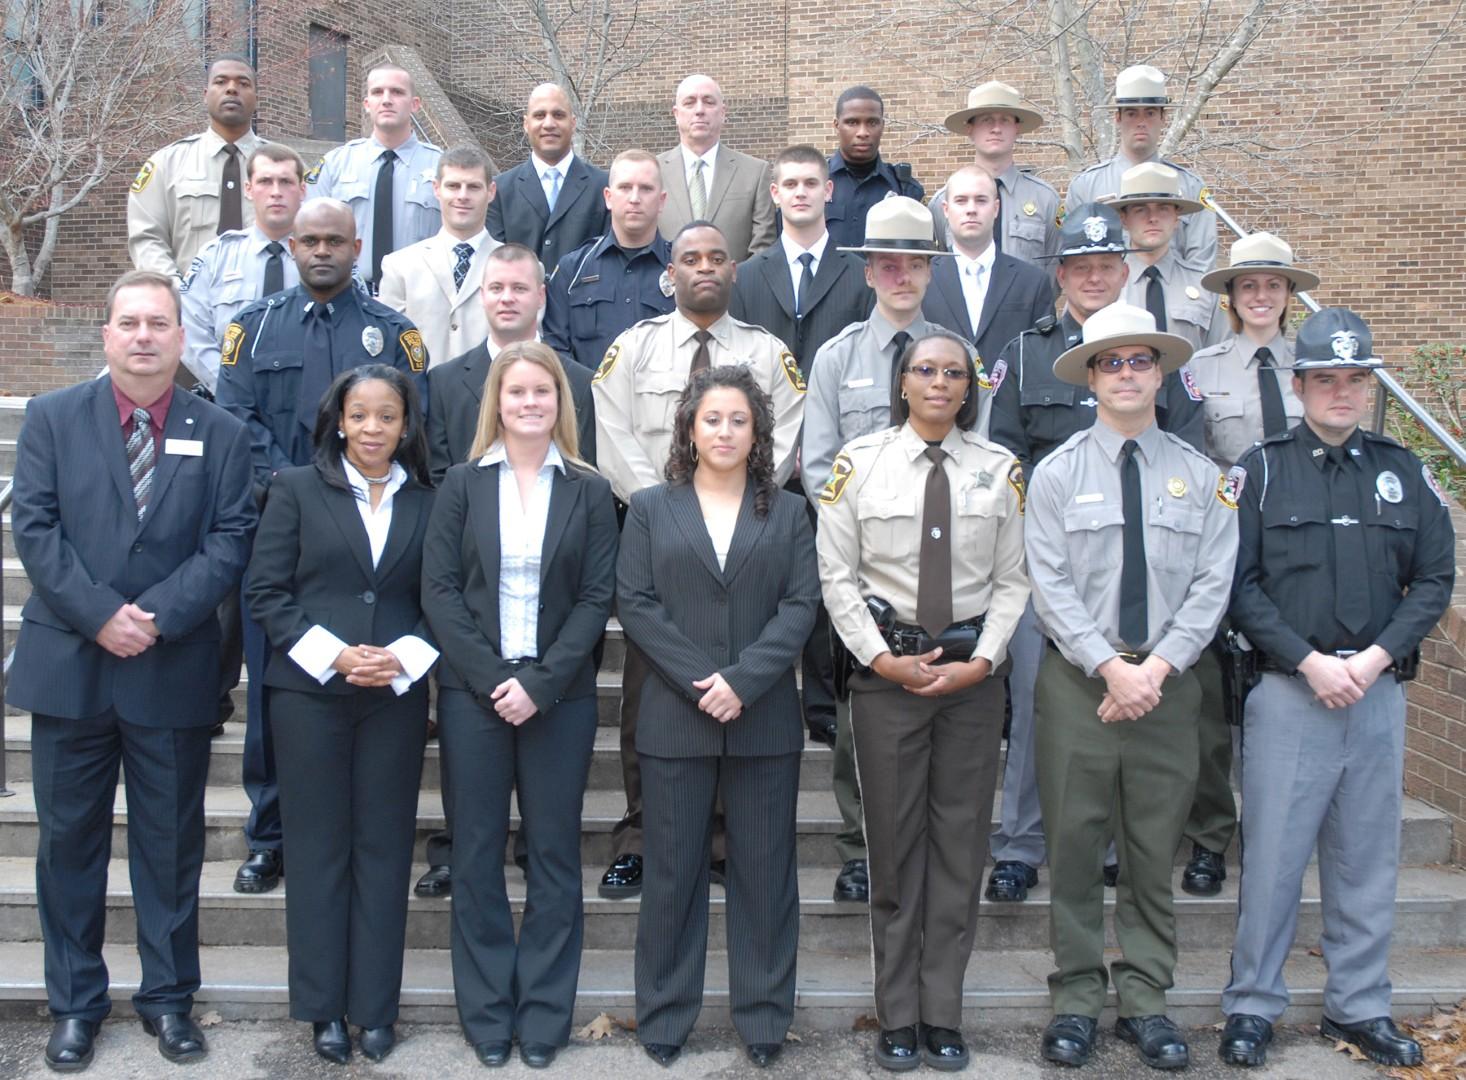 Vgcc Graduates 25 Law Enforcement Cadets In Schools 95th Blet Class